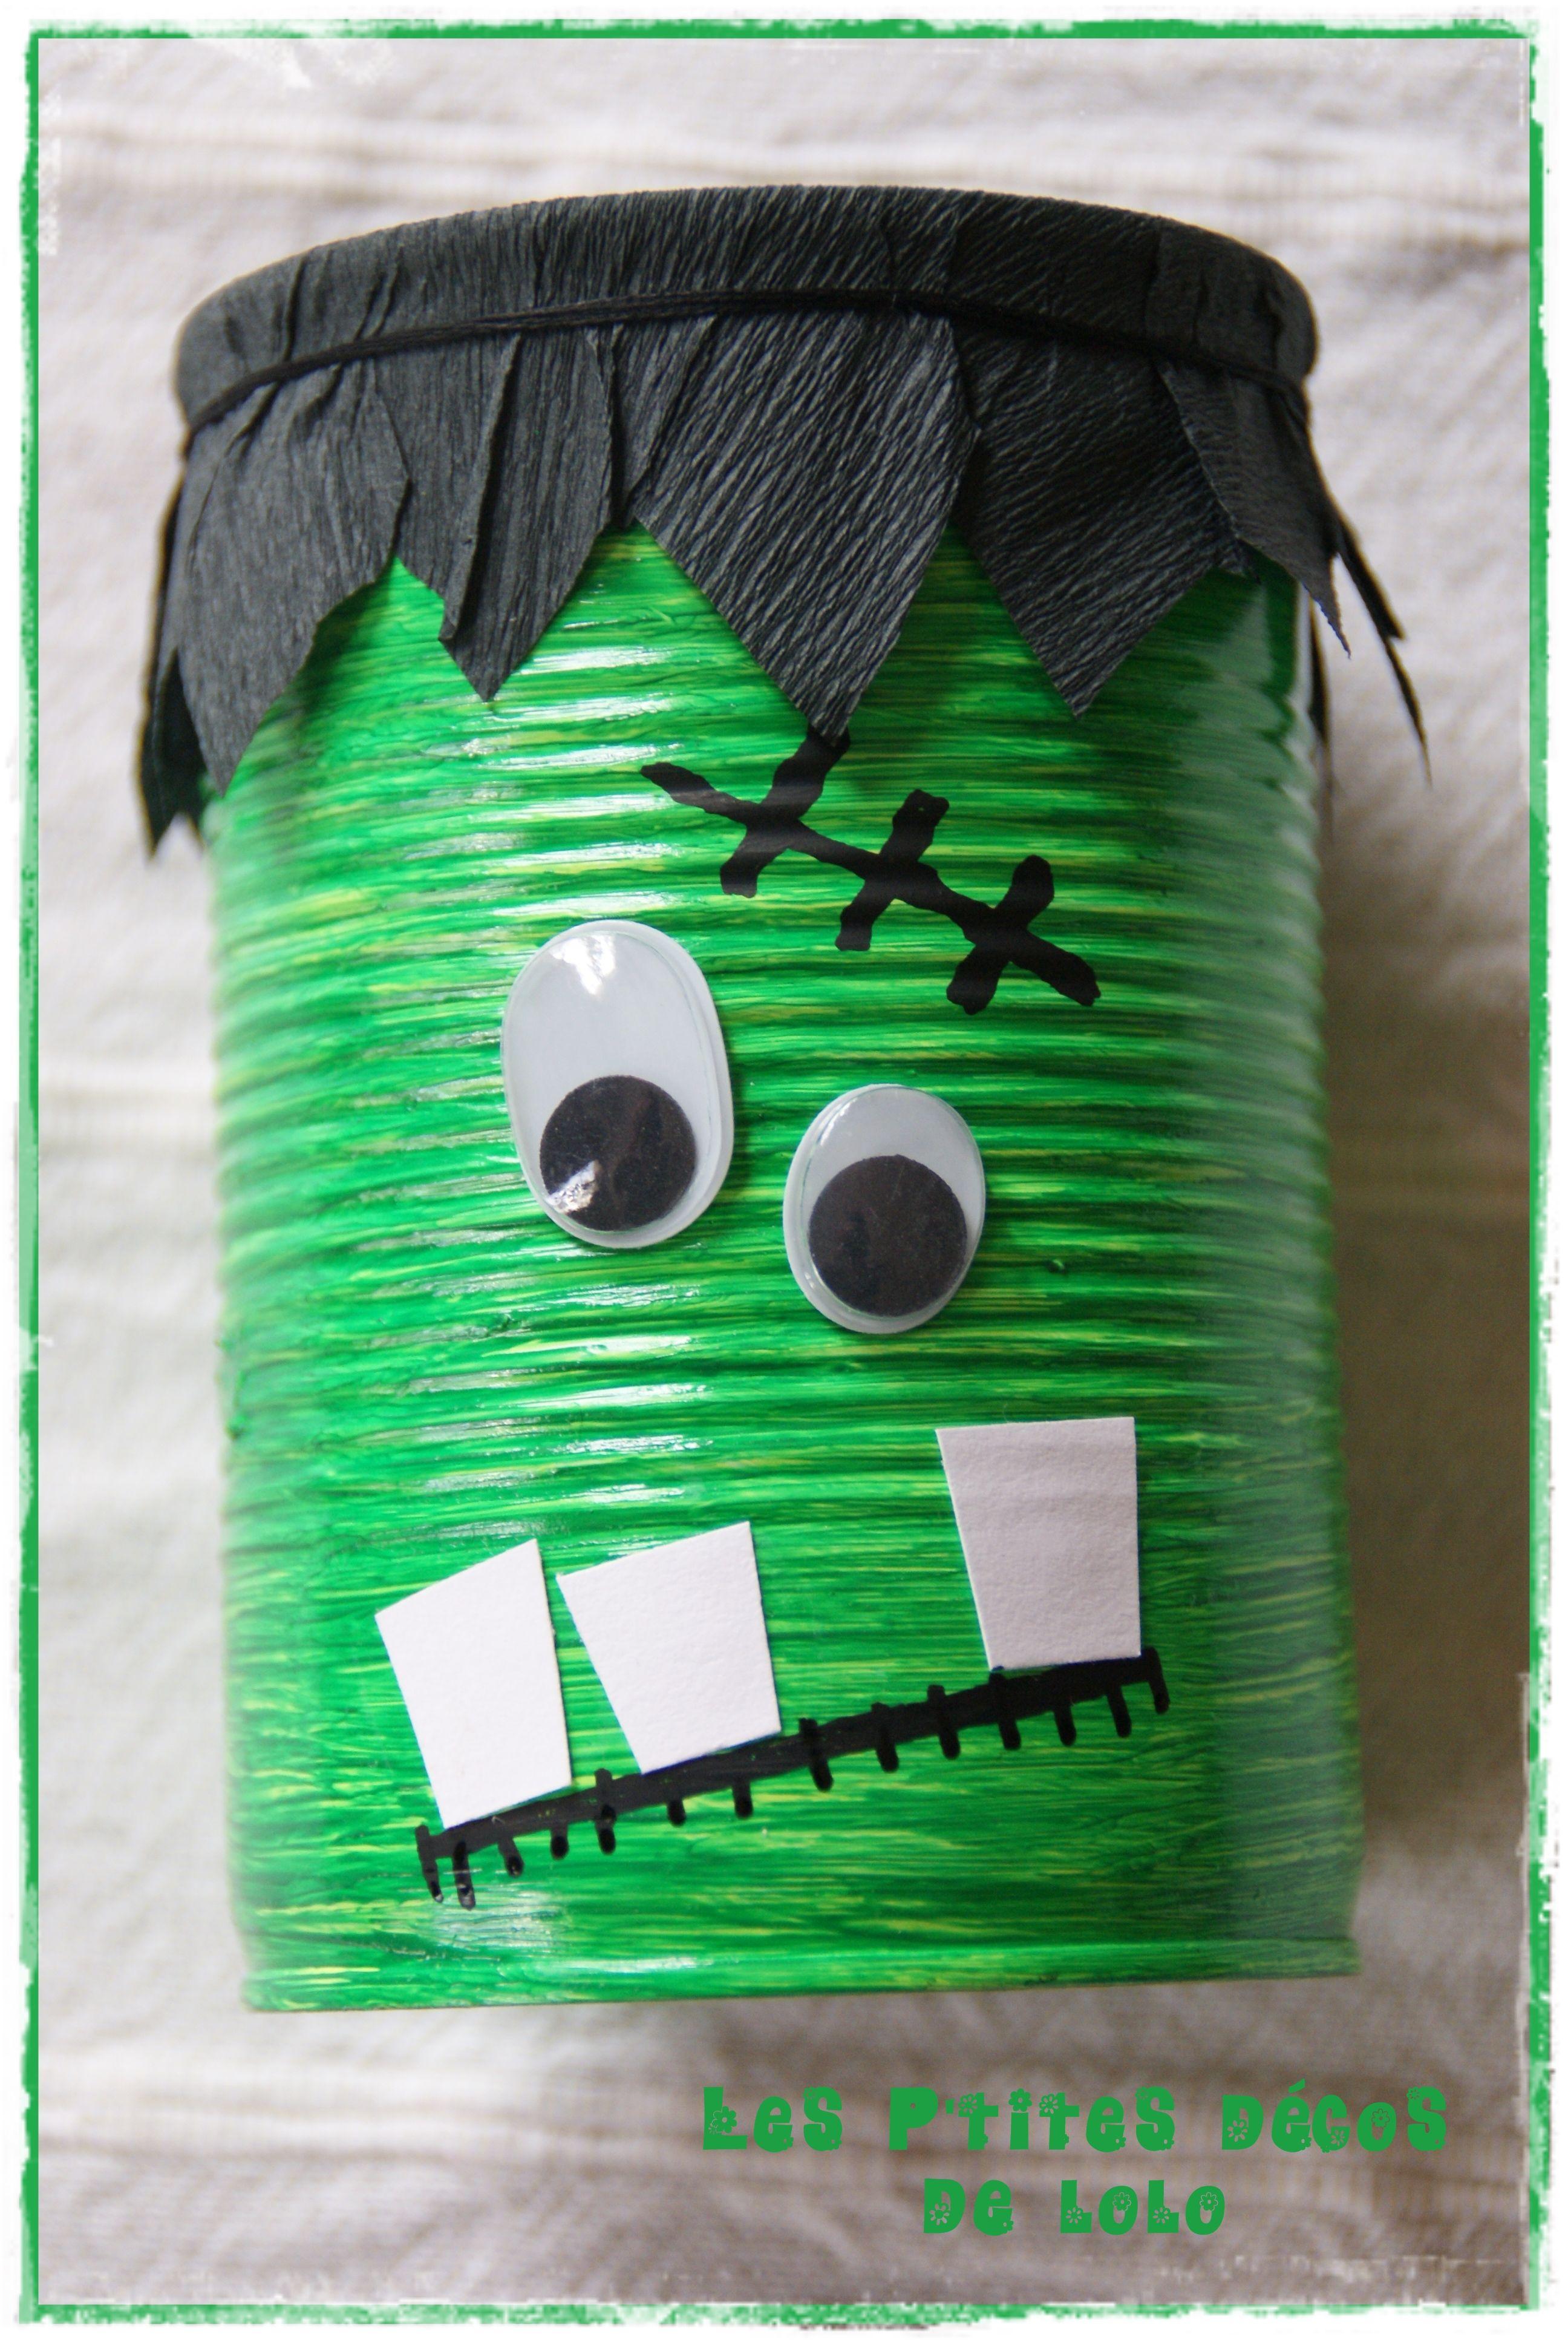 d co monstre vert avec une bo te de conserve idee tap. Black Bedroom Furniture Sets. Home Design Ideas